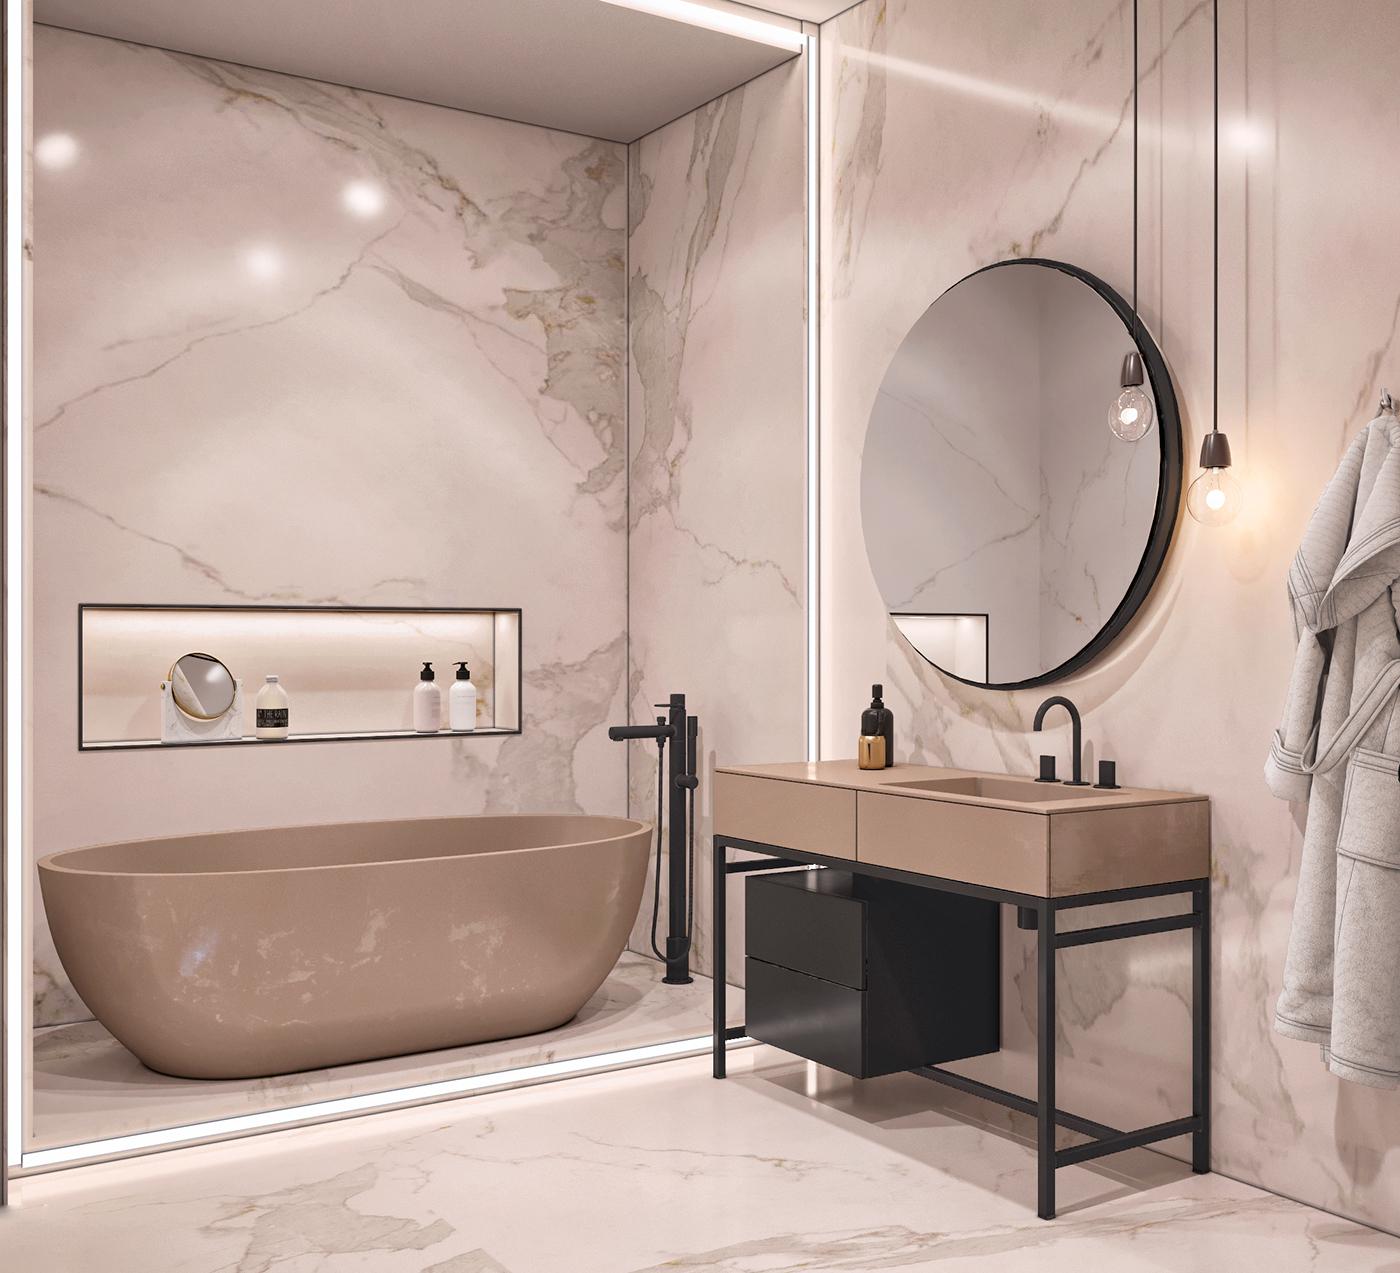 بالصور حمامات 2019 , موديلات جديدة للحمامات 5707 6